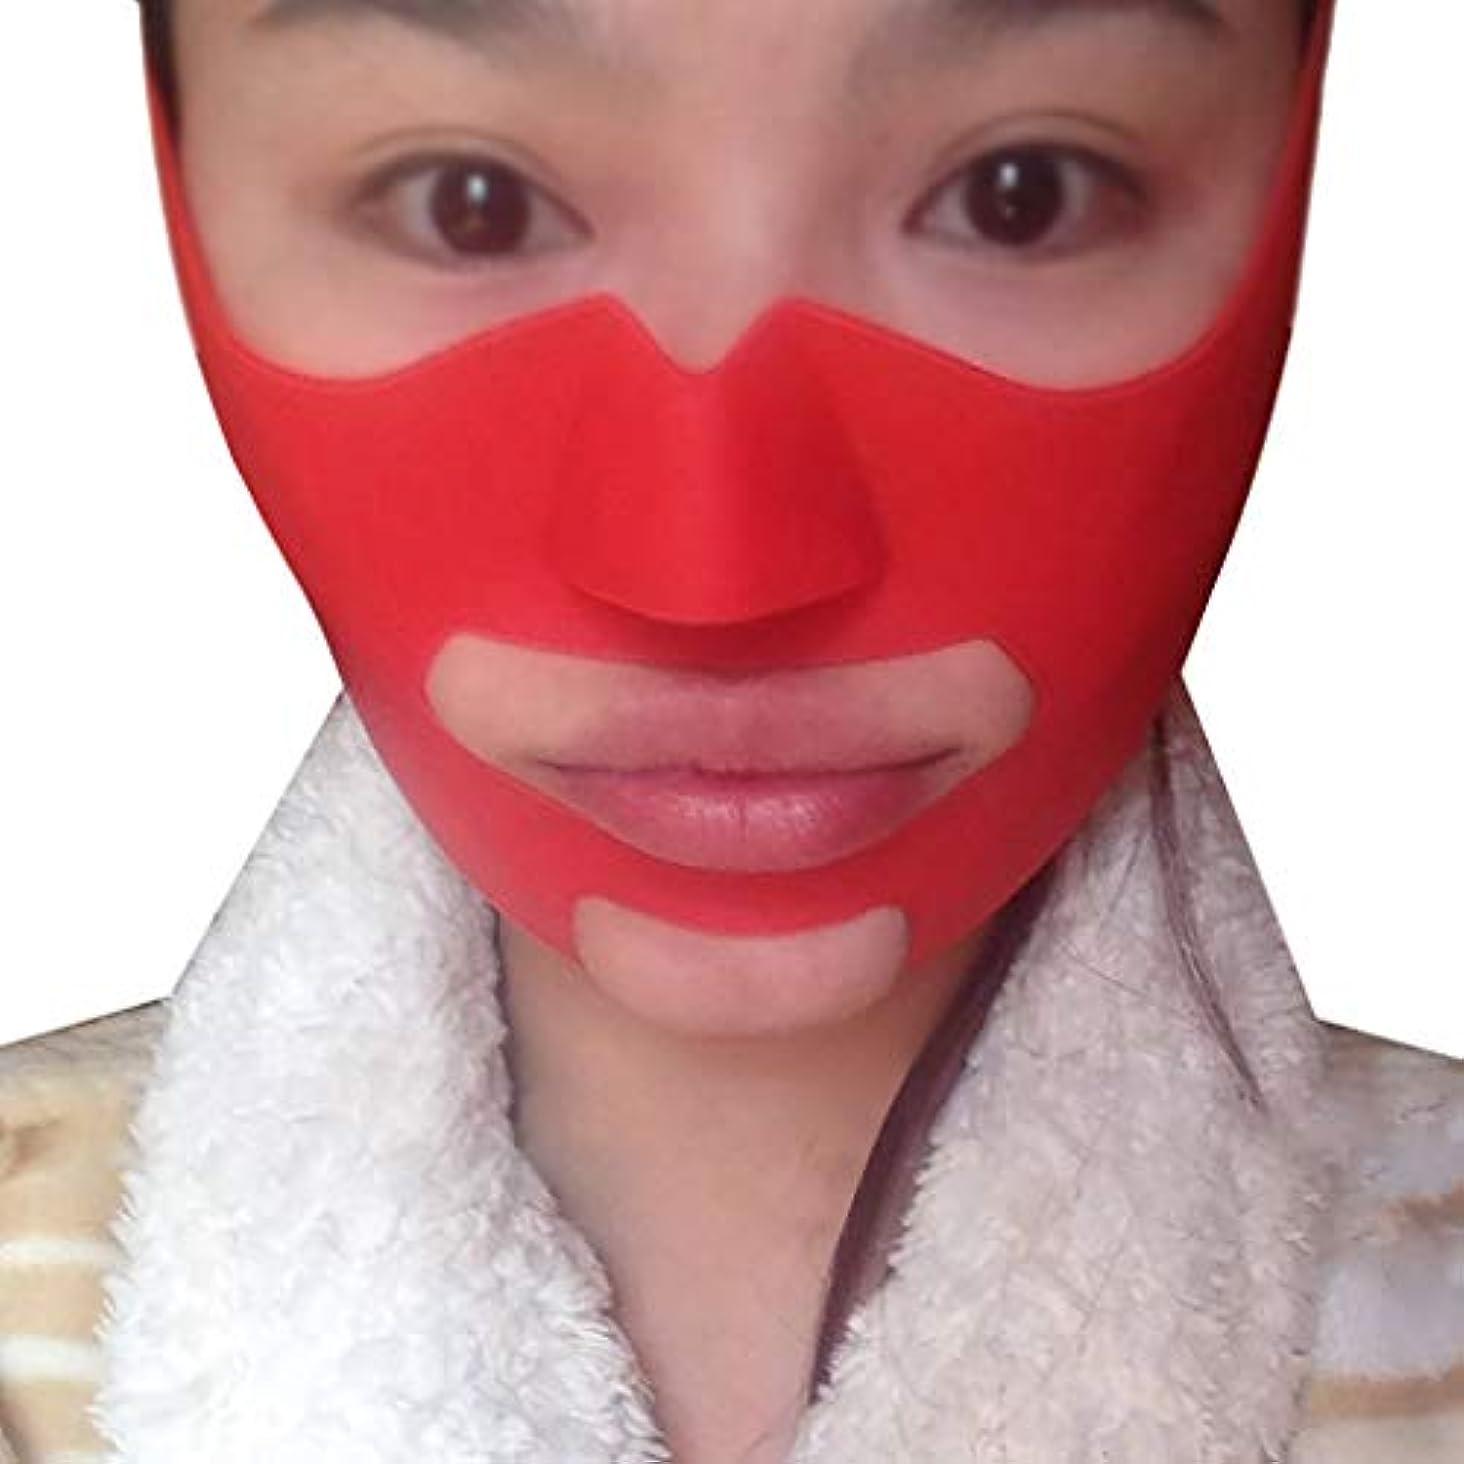 不規則性味付け趣味GLJJQMY 薄いフェイスマスクシリコーンVマスクマスク強い痩身咬合筋肉トレーナーアップル筋肉法令パターンアーティファクト小さなVフェイス包帯薄いフェイスネックリフト 顔用整形マスク